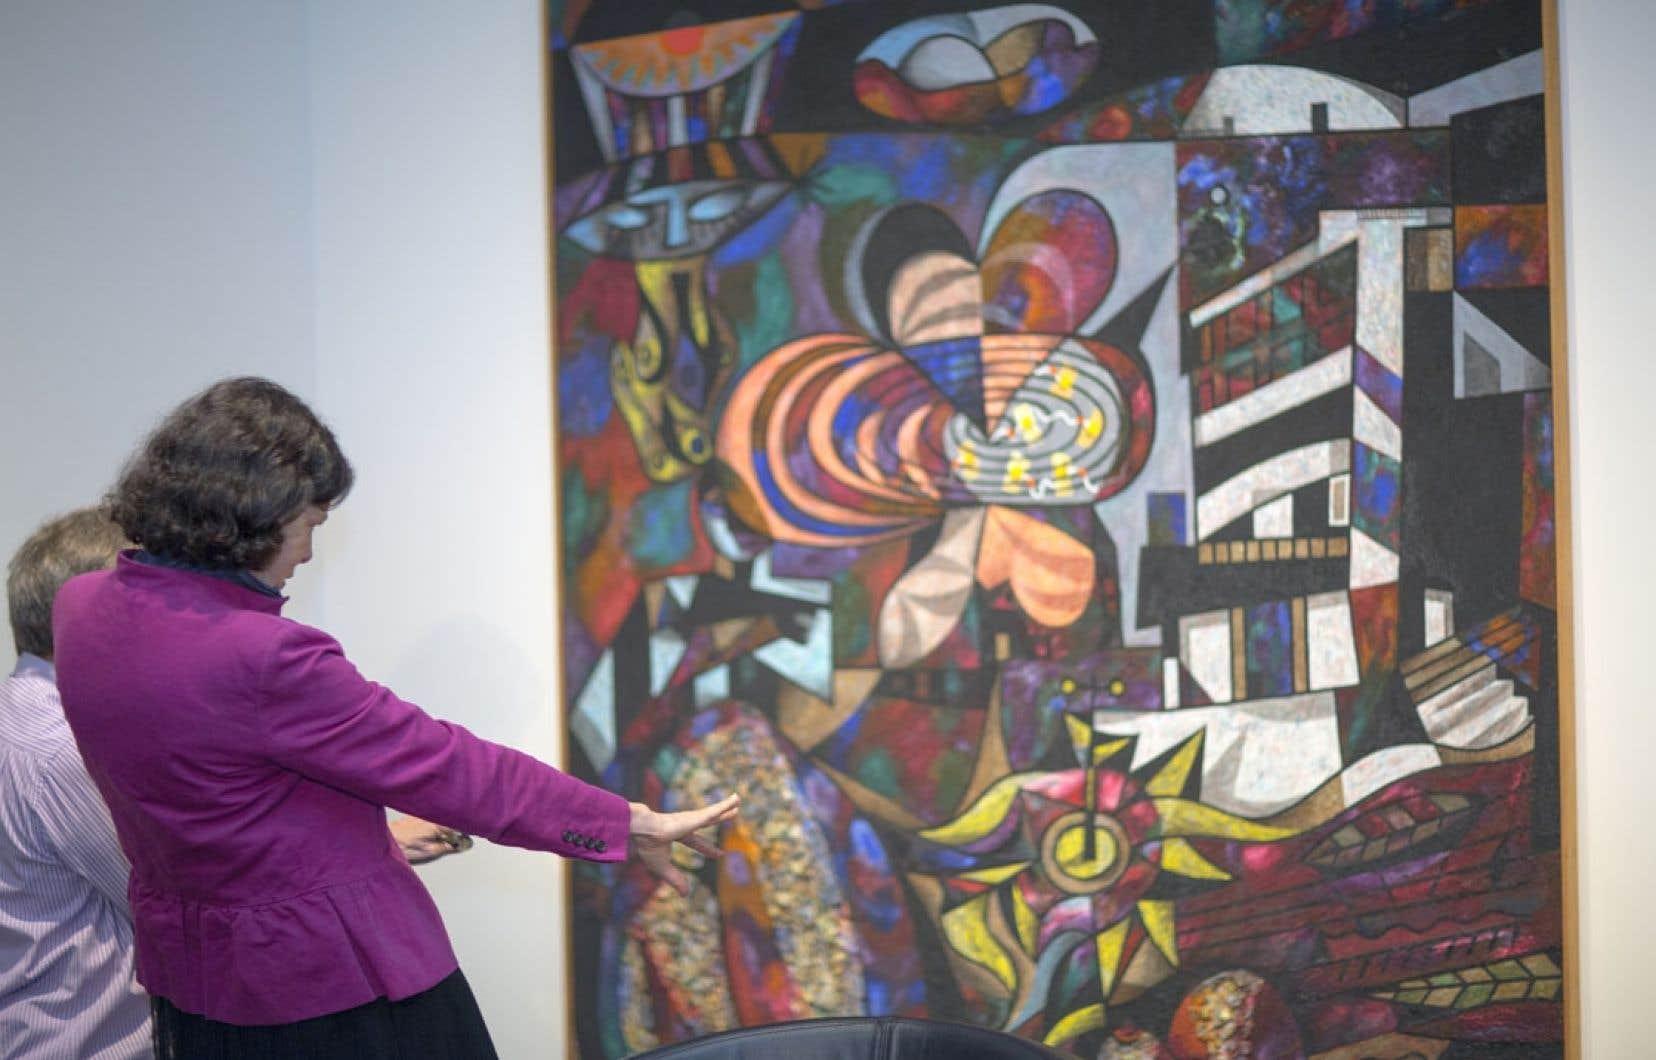 La directrice du MAC, Paulette Gagnon, montre une toile d'Alfred Pellan intitulée Calme obscur (1944-1947), peinte à l'huile de silice et comprenant du mâchefer.